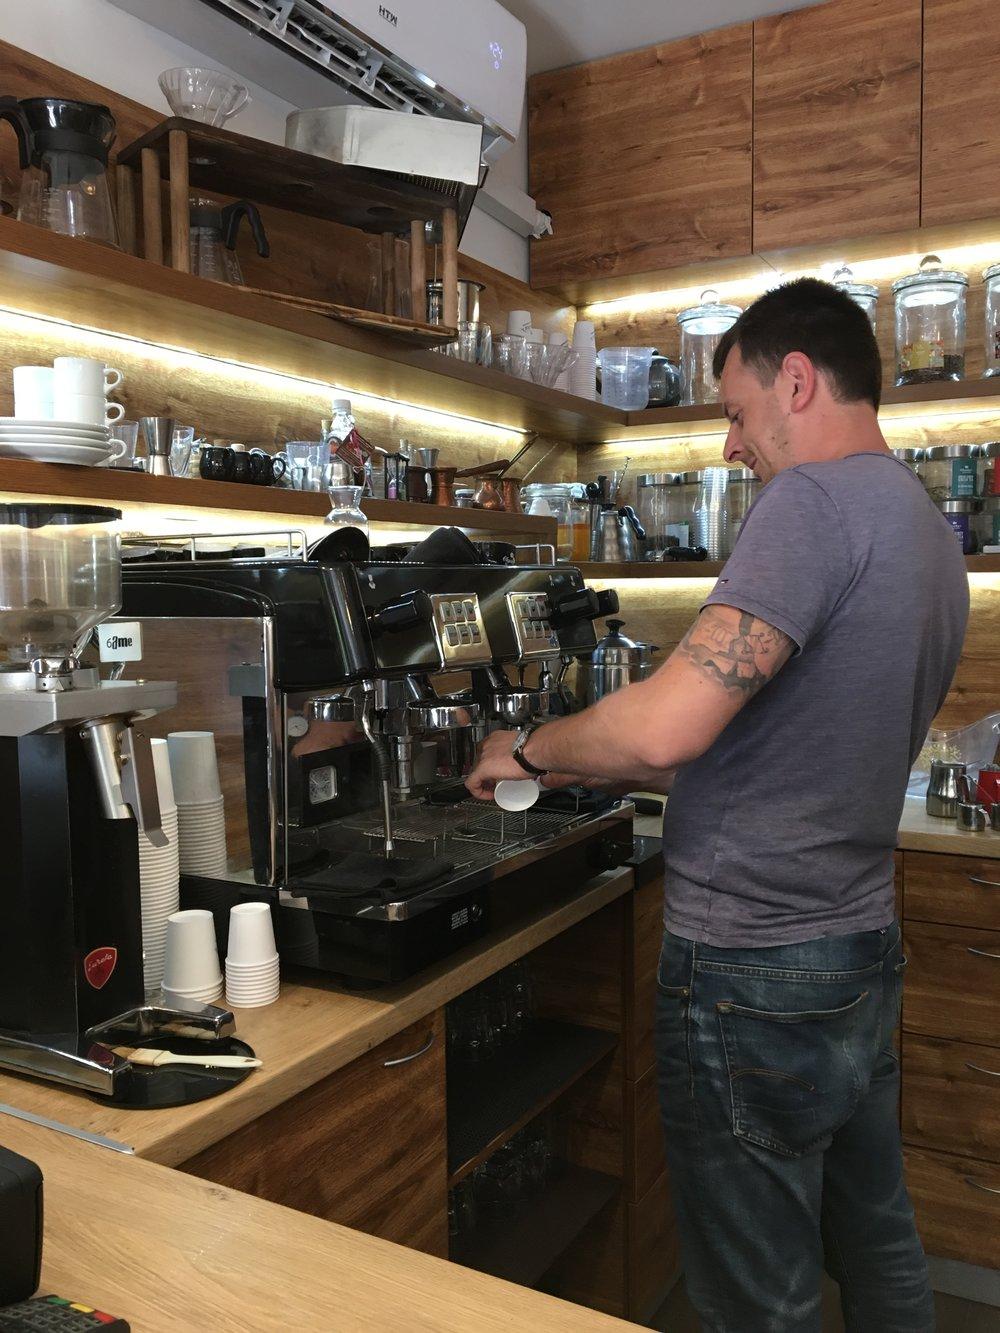 Expertly prepared espresso at Chuky's in Sofia